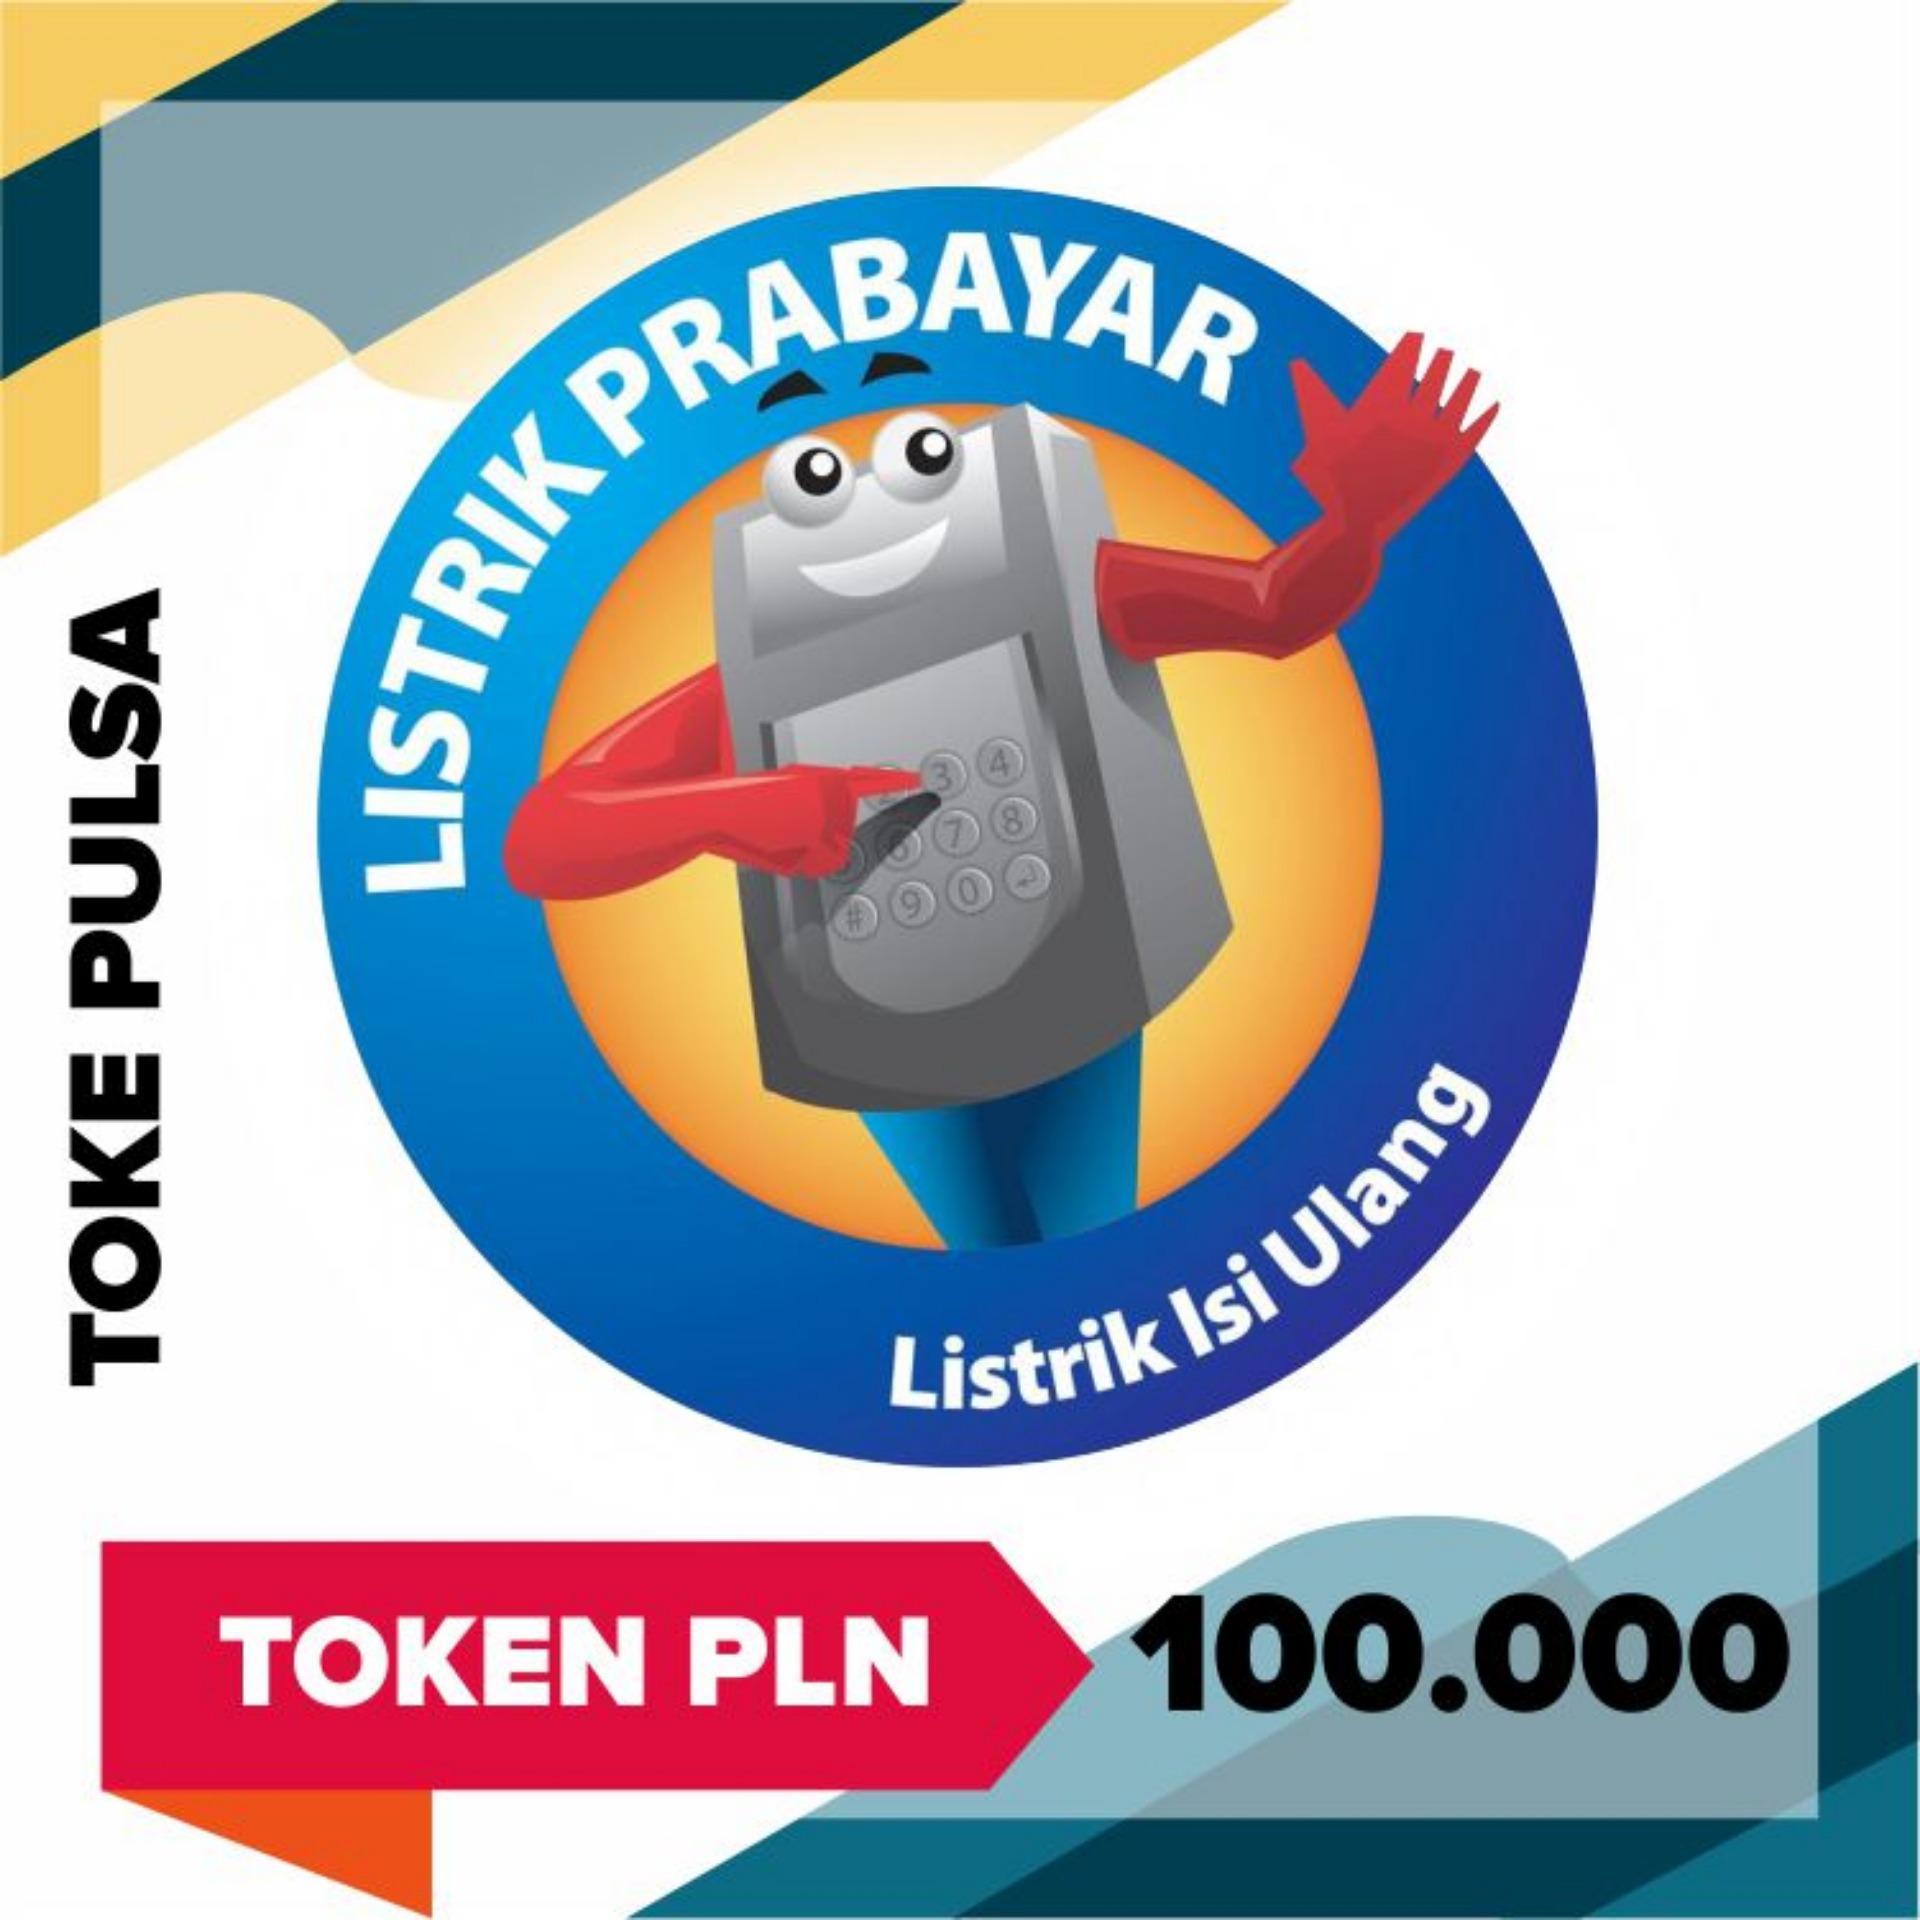 Toke Pulsa - Pln Token Prabayar 100.000 (cantumkan Id Meter Di Alamat Pengiriman) By Toke Pulsa.